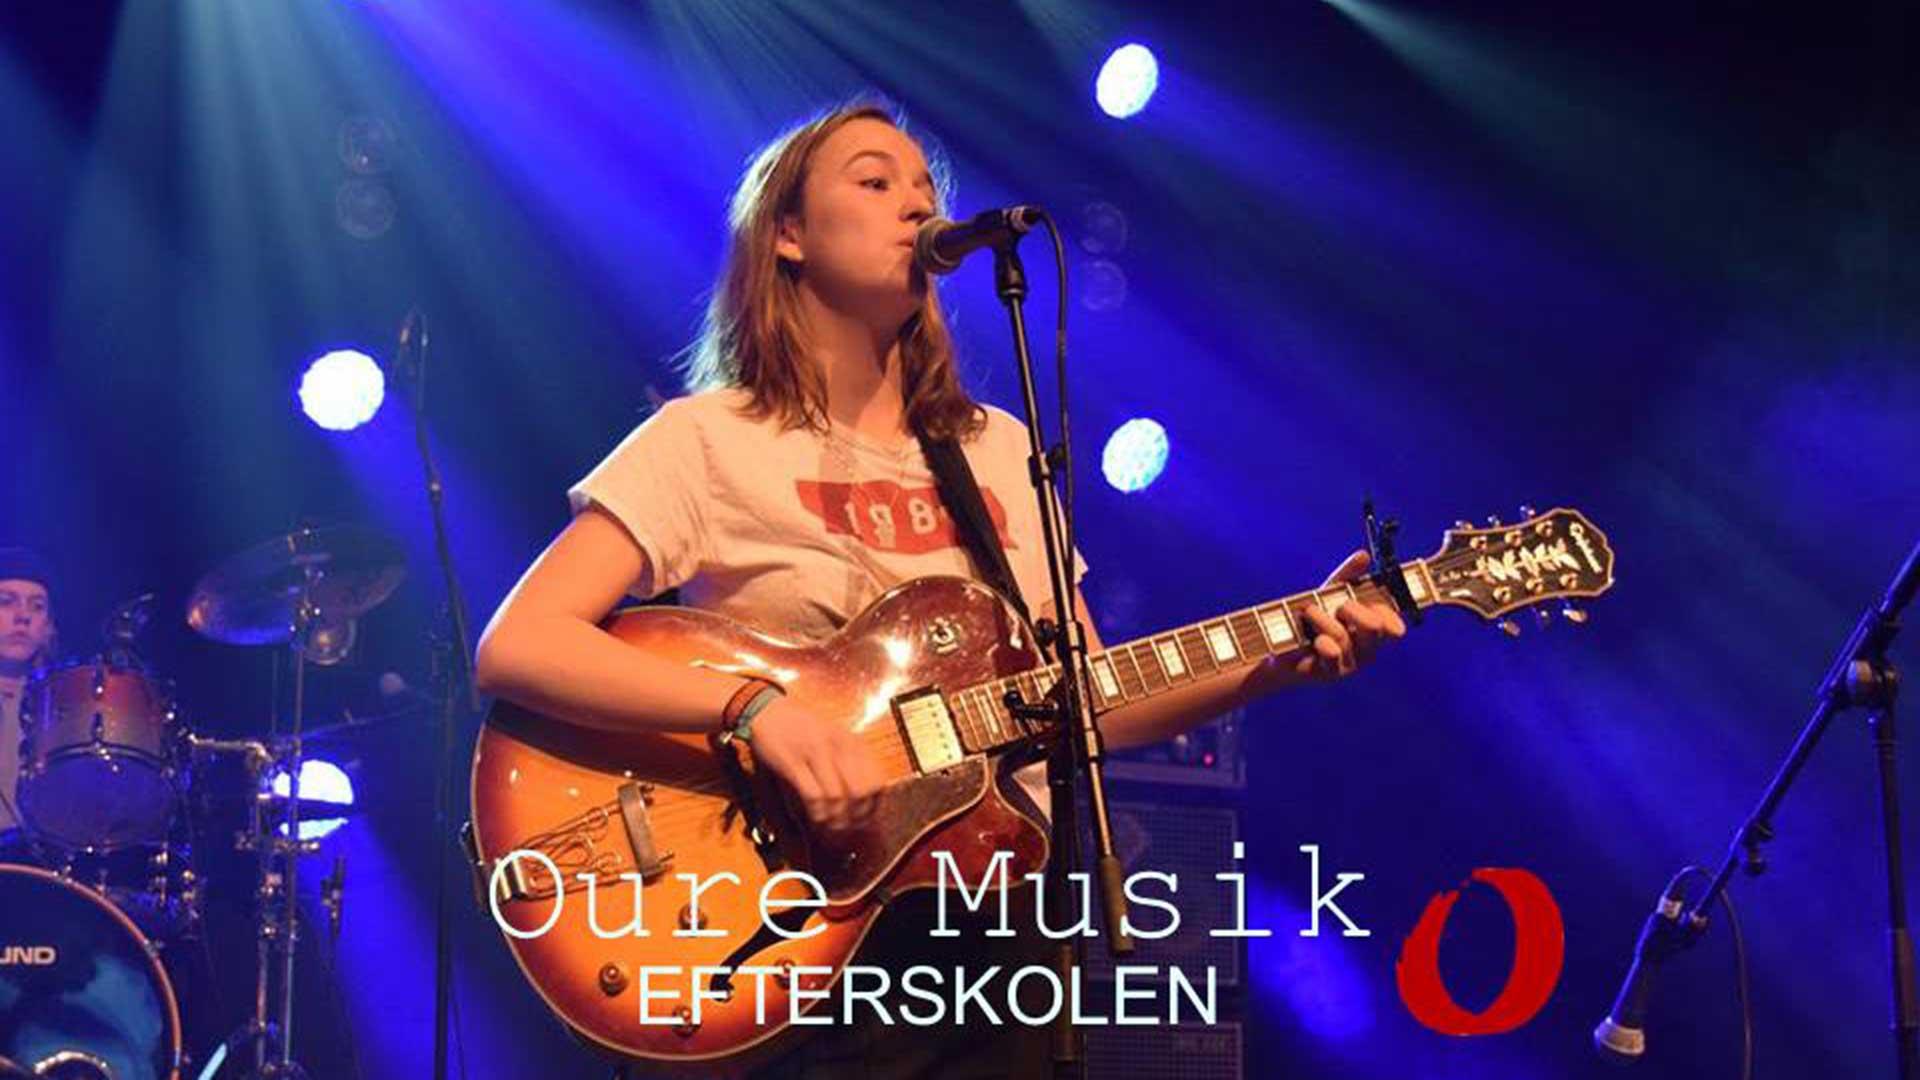 Oure Musik - Efterskolen - Koncert på Harders